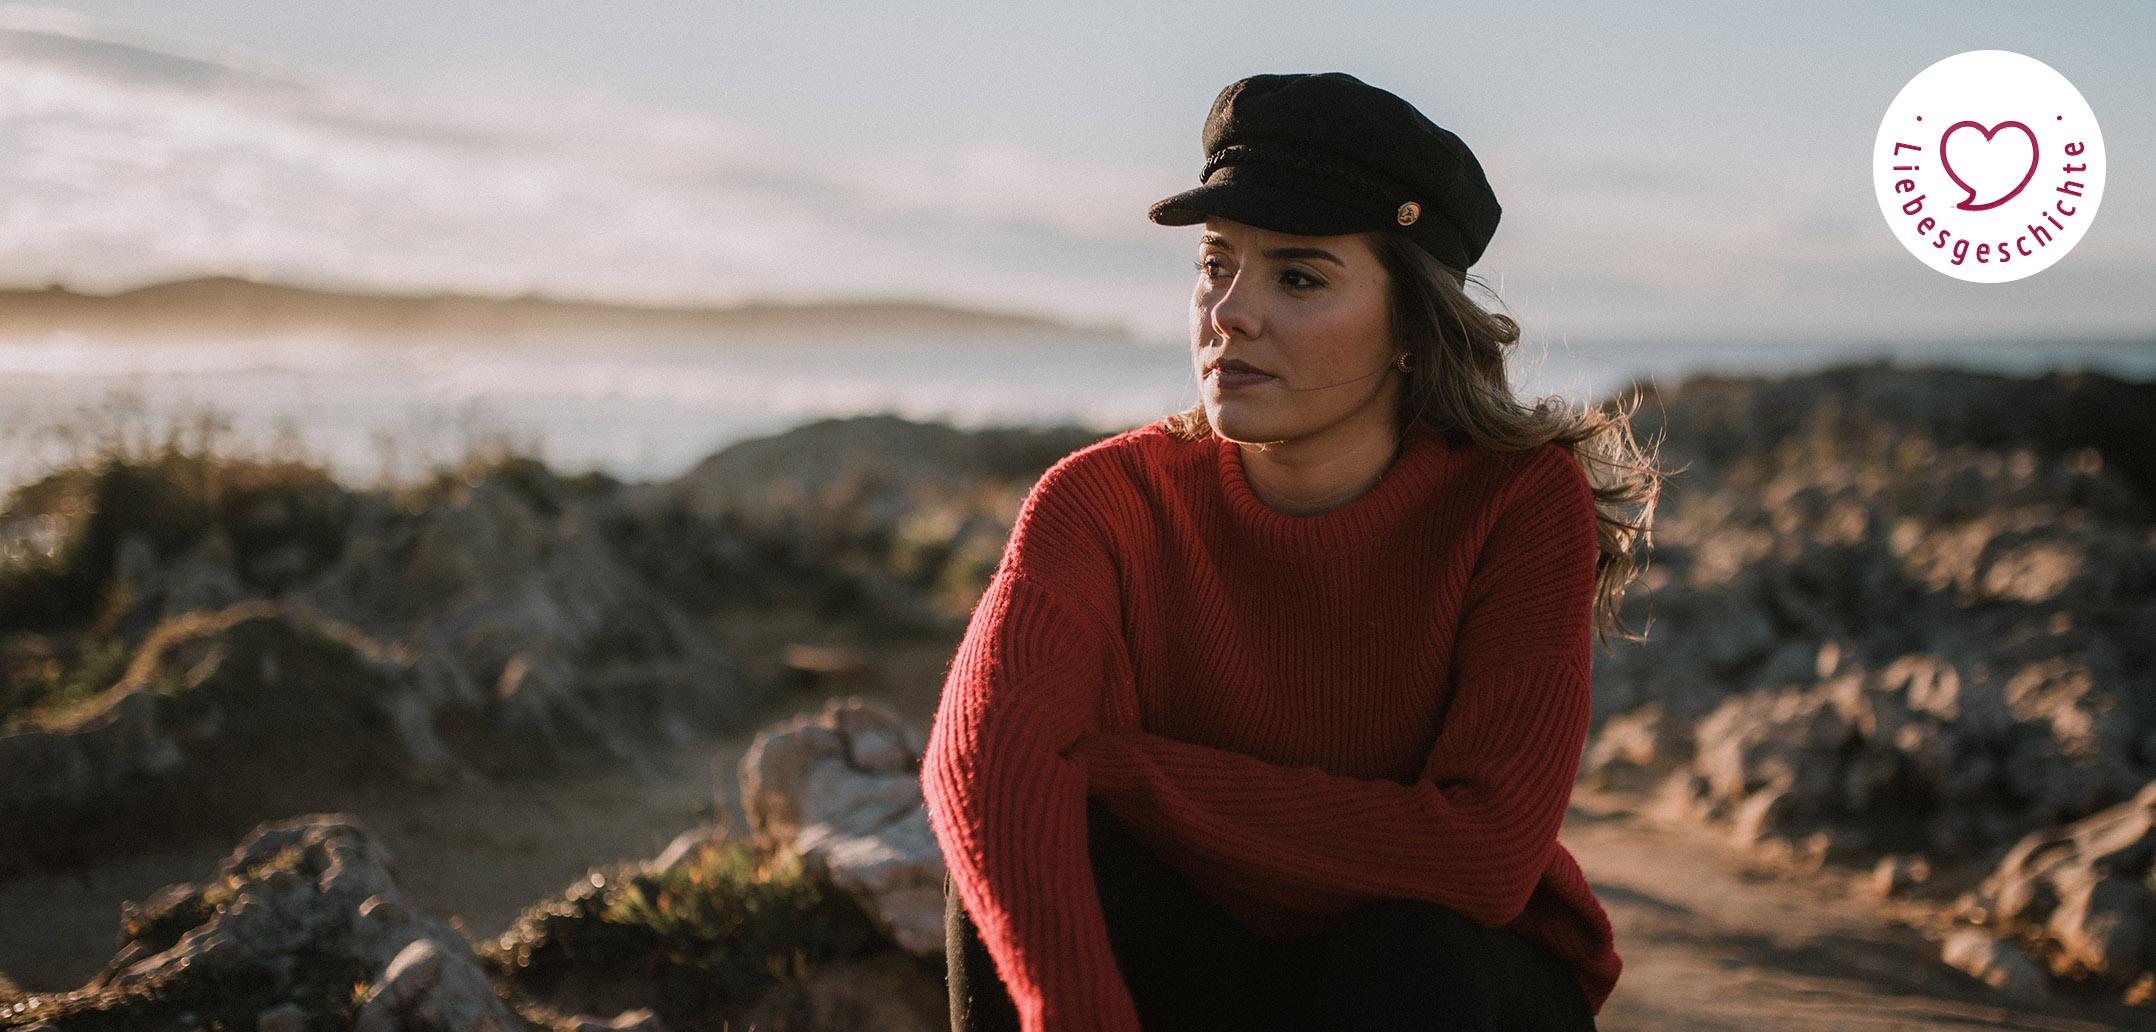 Nachdenkliche Frau am Meer